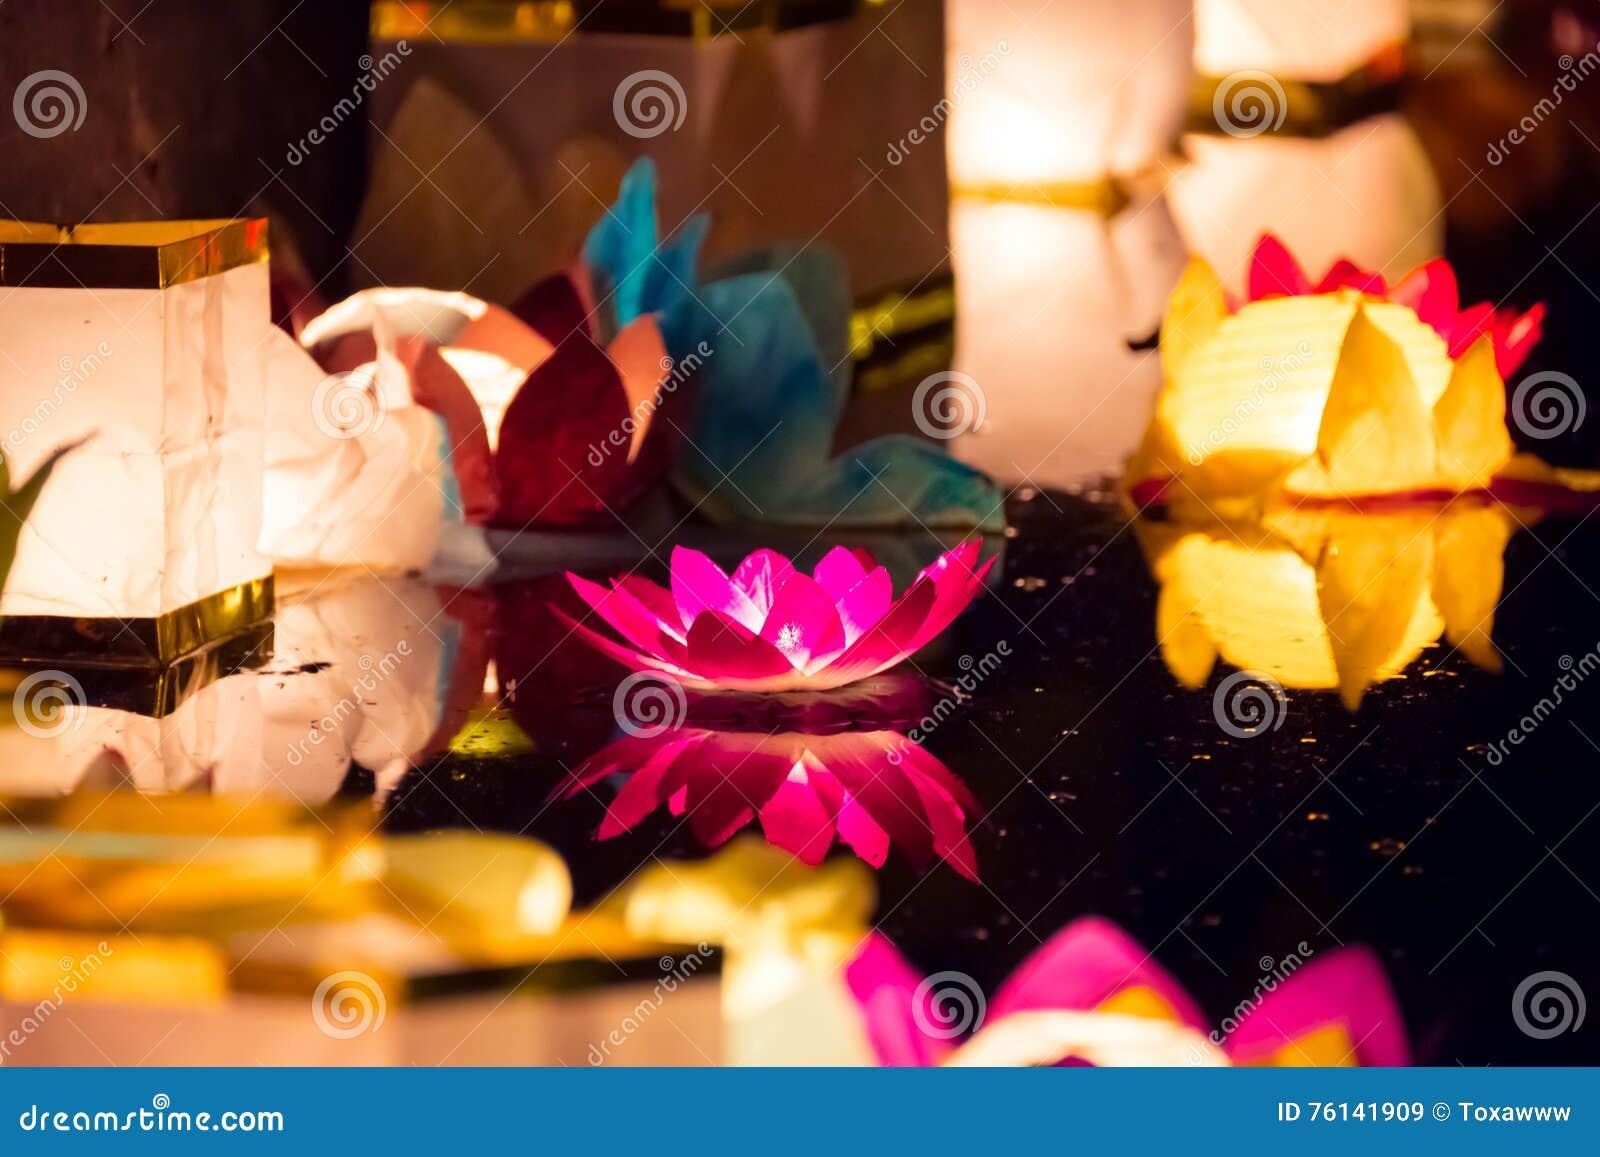 Floating Lotus Flower Paper Lanterns On Water Stock Image Image Of